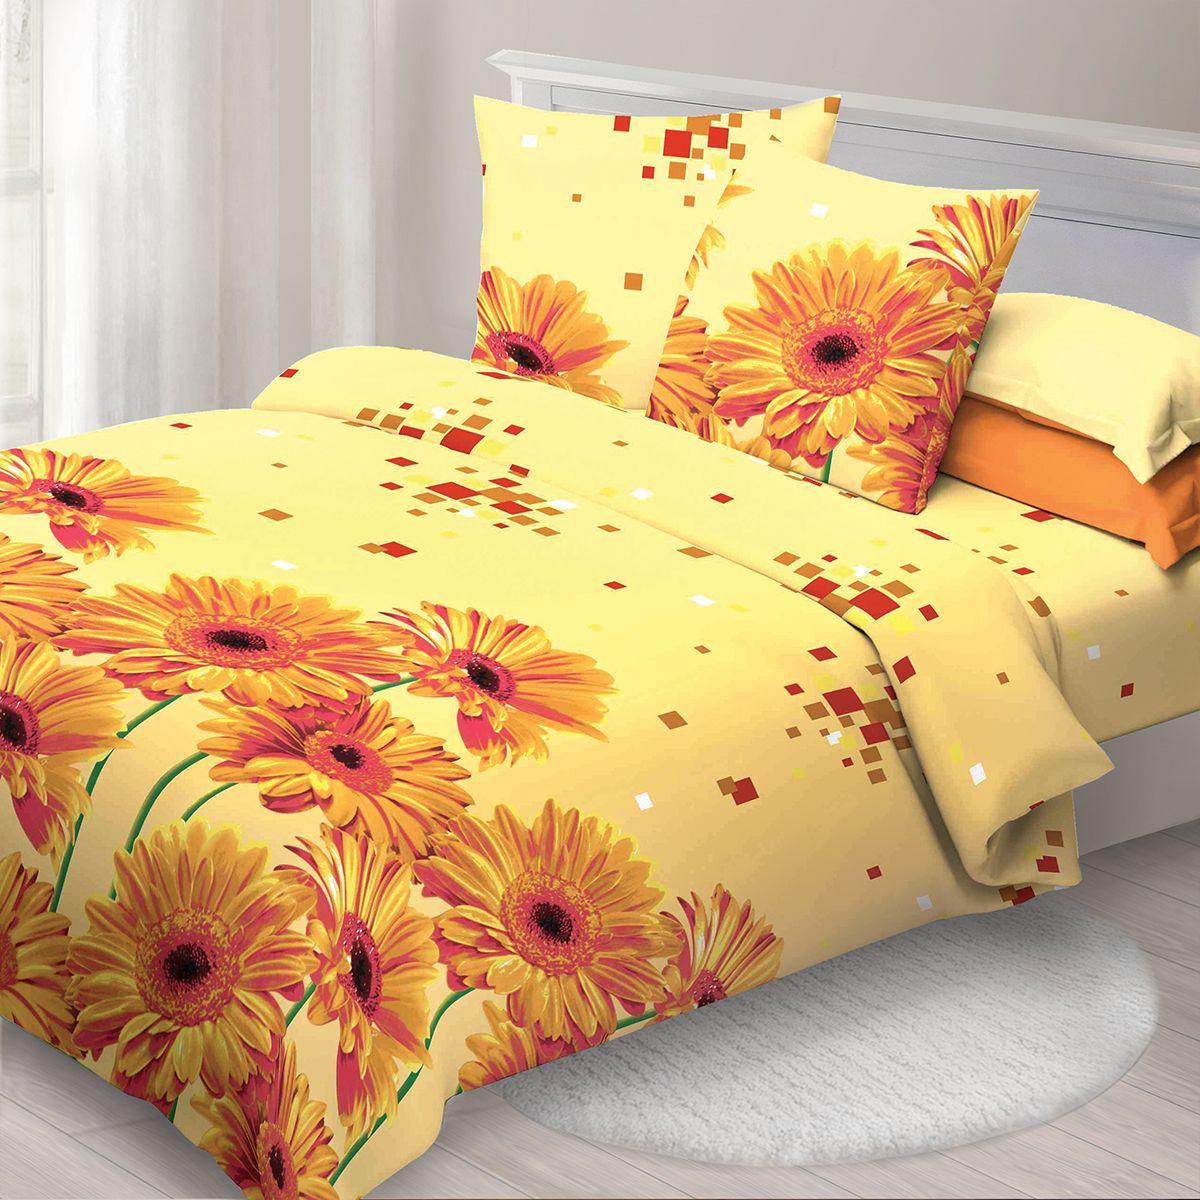 Комплект белья Спал Спалыч Герберы, 1,5 спальное, наволочки 70x70, цвет: оранжевый. 3805-182448